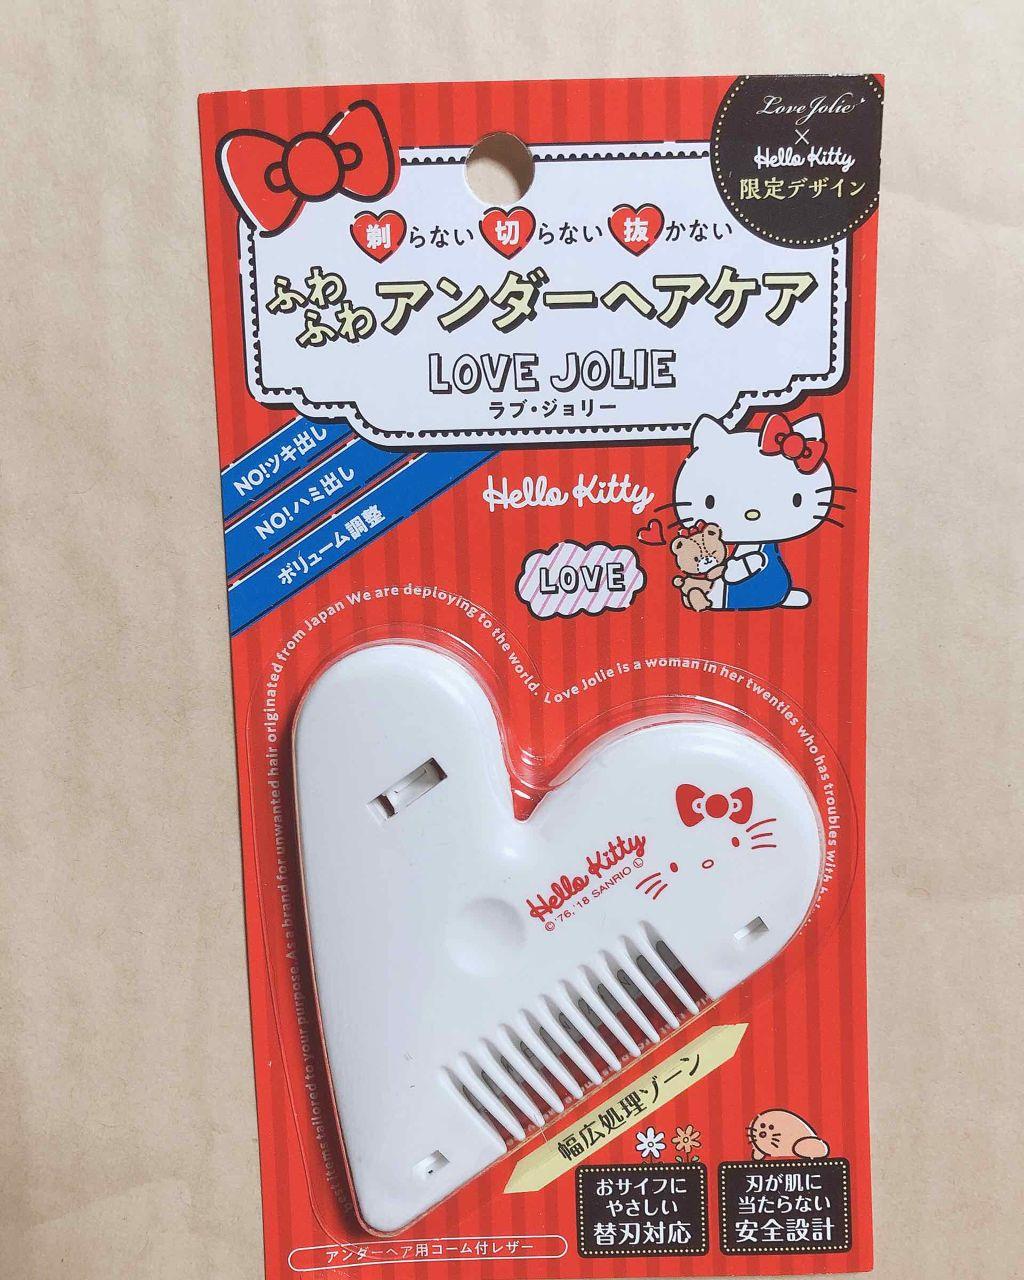 韓国で即完売・大人気!アンダーヘアを整える「ラブジョリー」から限定セットが発売